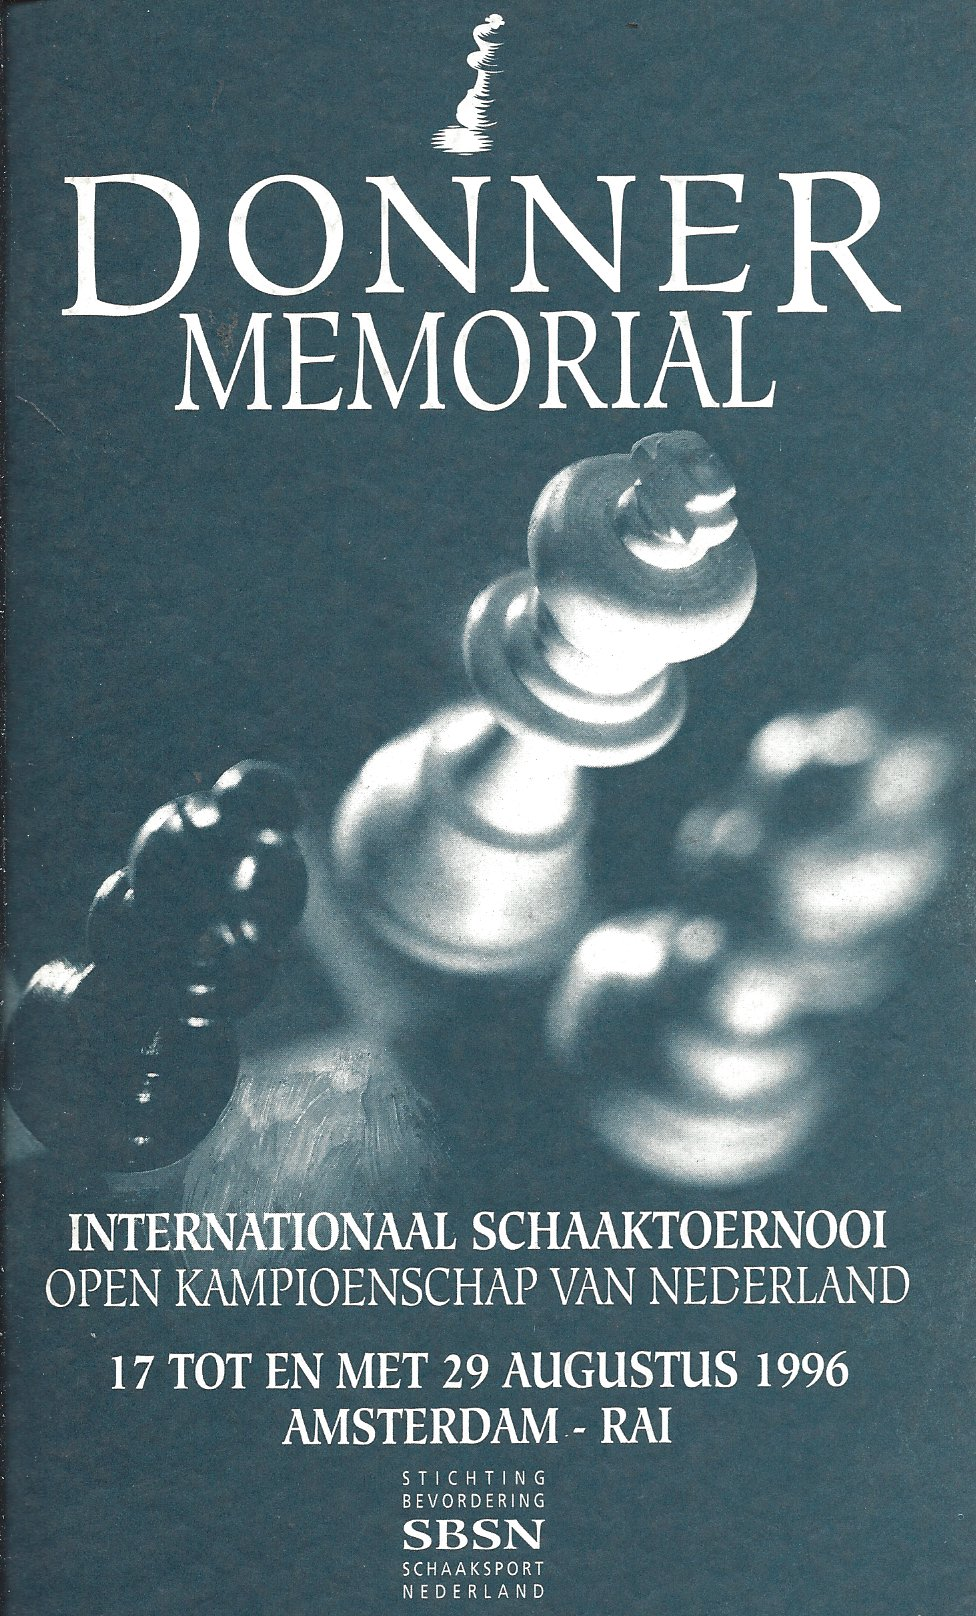 DIVERSE - Donner Memorial -Internationaal Schaaktoernooi. Open Kampioenschap van Nederland